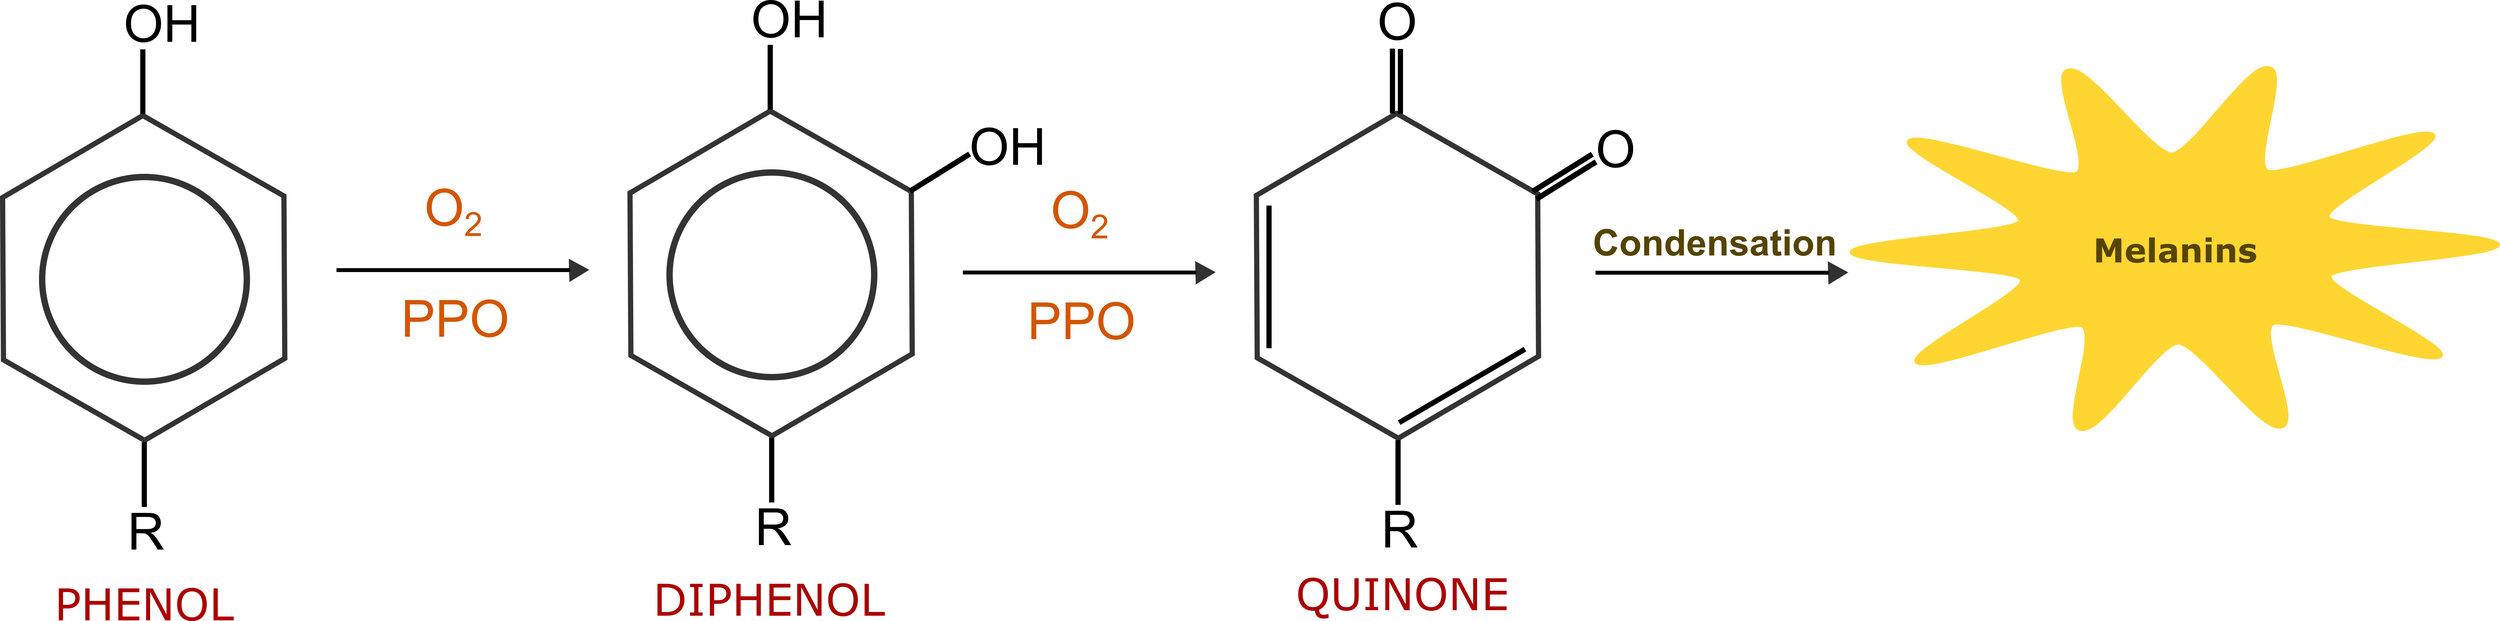 polyphenol oxidase